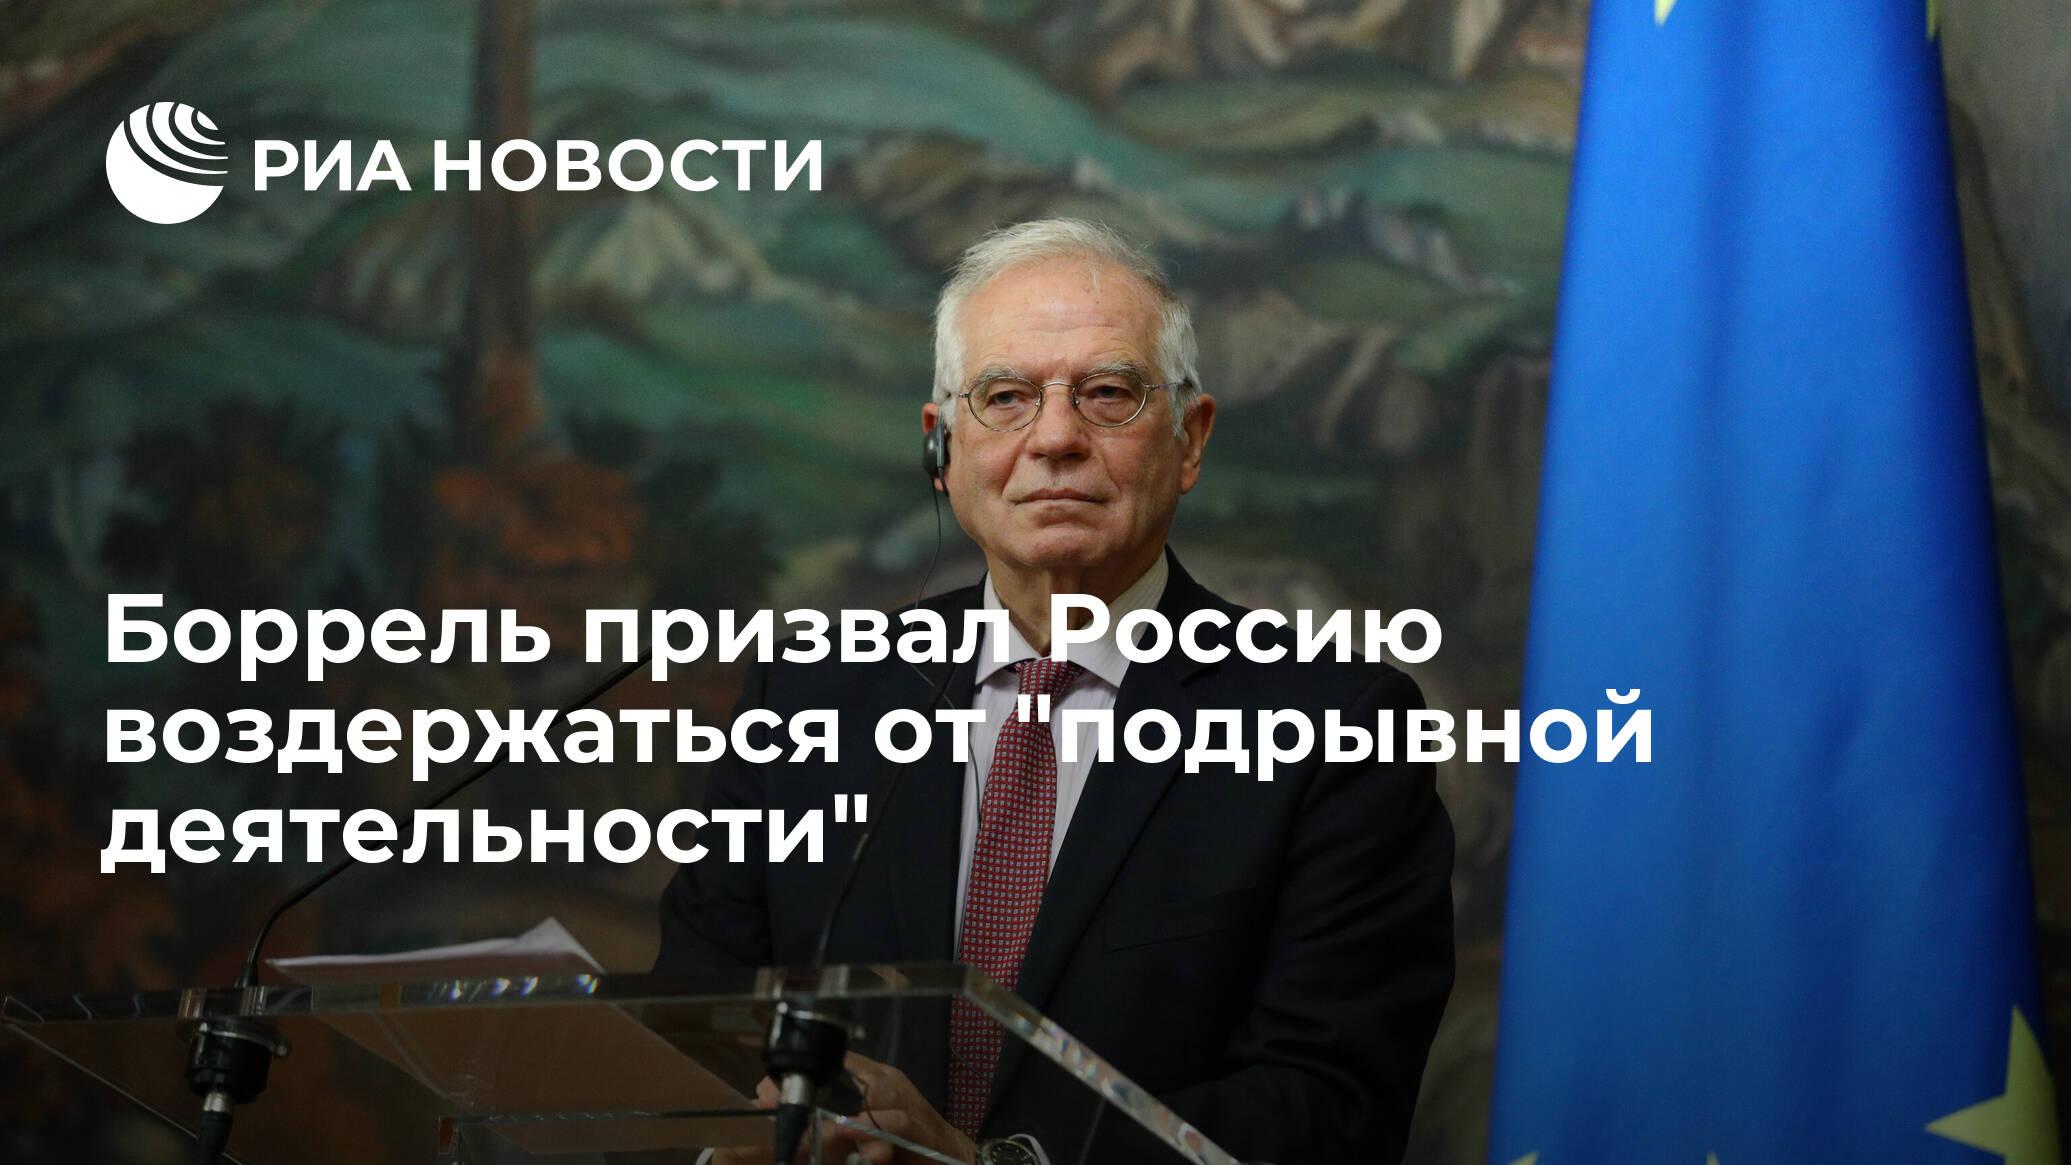 Боррелий призвал Россию воздержаться от «подрывной деятельности»